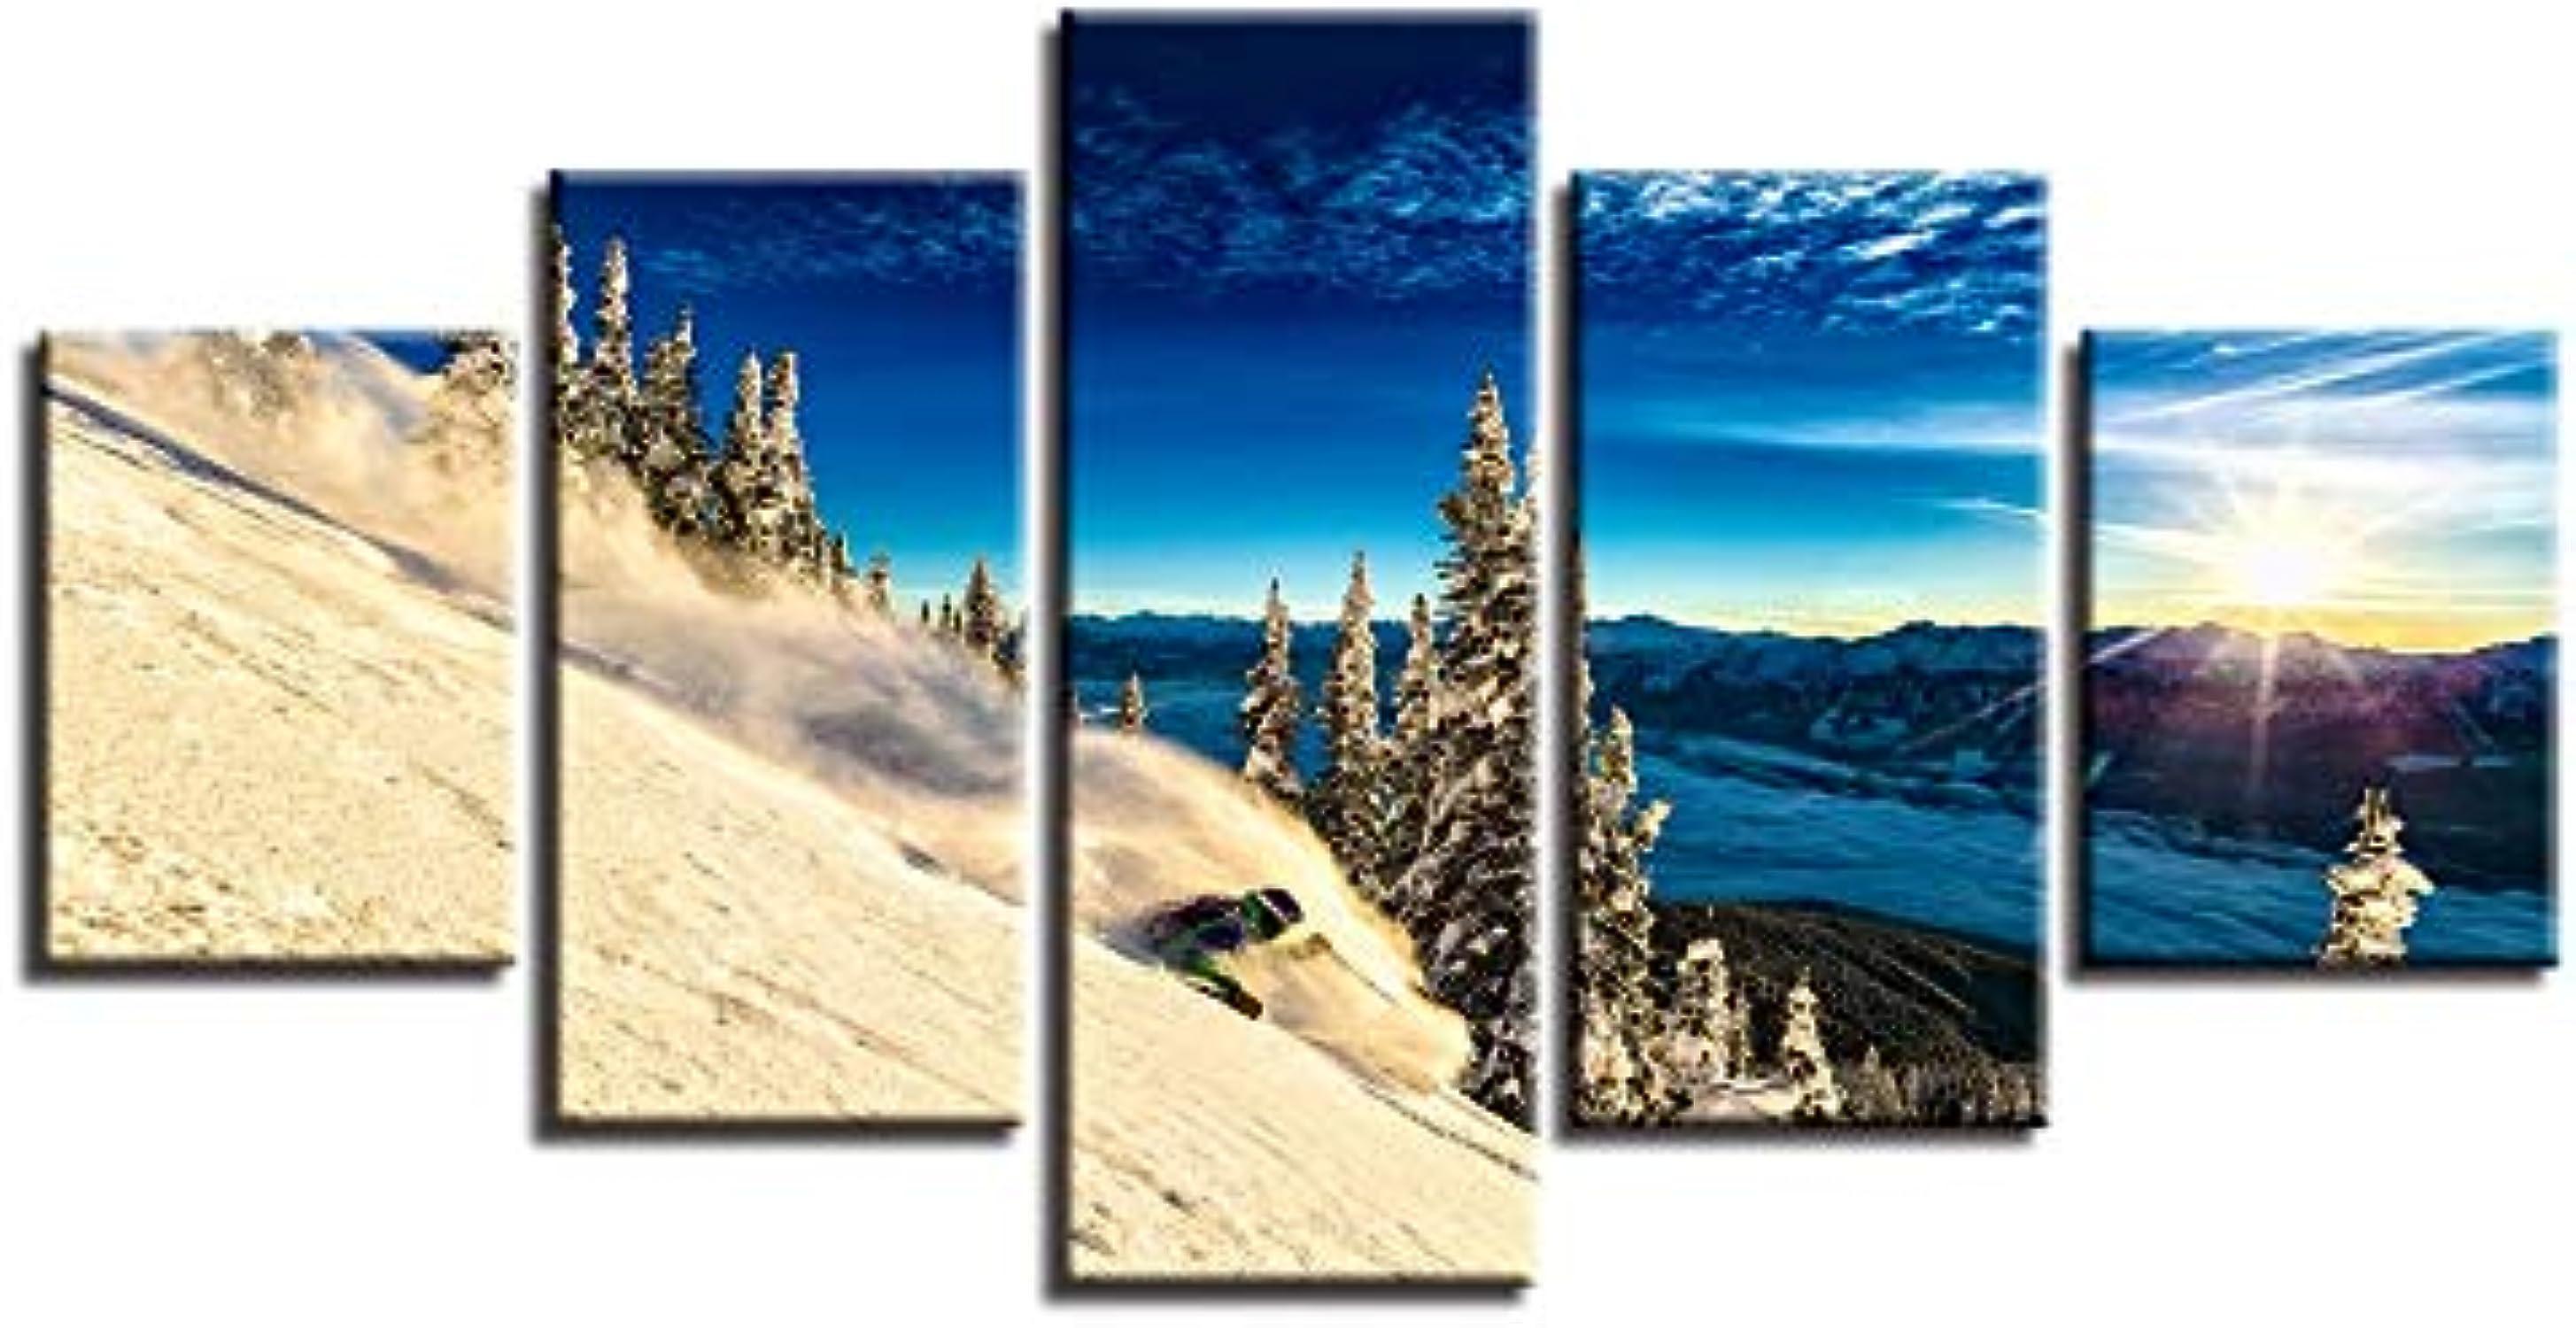 RMRM Marco Modular Inicio Arte de la Parojo Pintura de la Lona Decoración 5 Unidades Snow Mountain Skiing Poster Print Sunrise Tree Landscap Pictures 20x35cm20x45cm 20x55cm